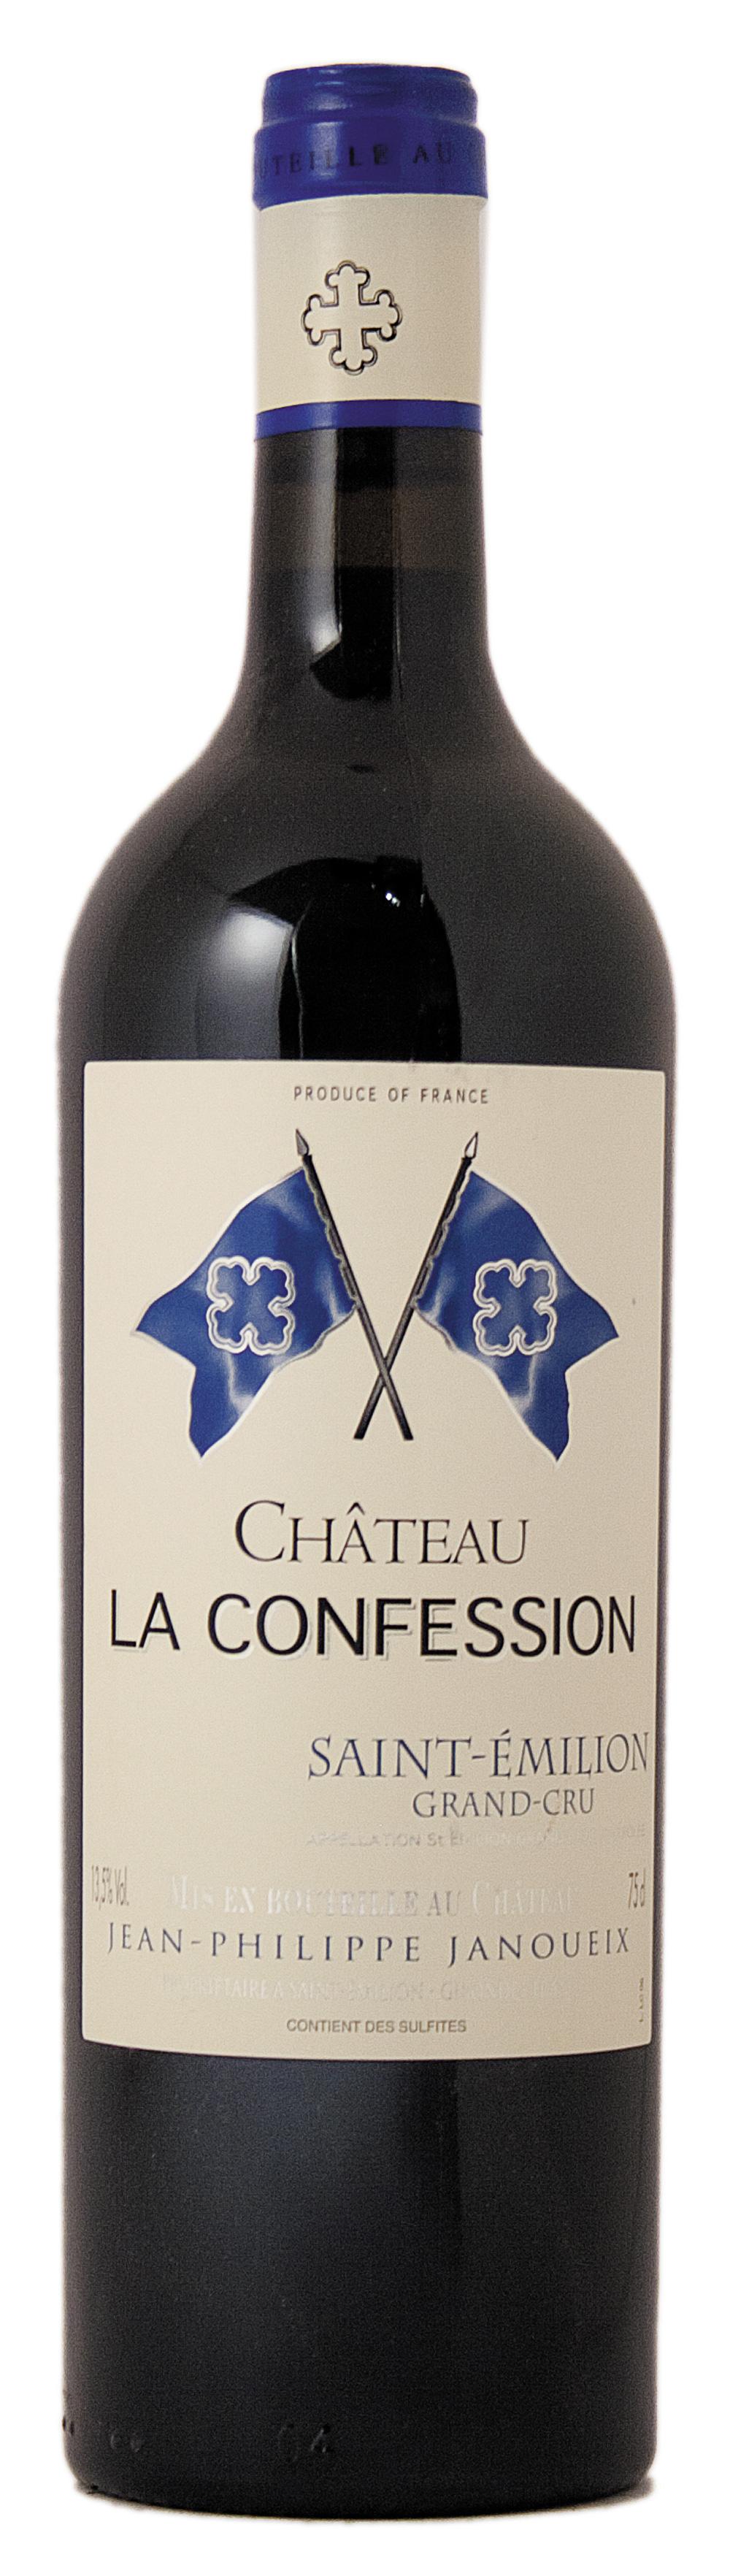 La Confession 2010 - Rượu vang Pháp nhập khẩu